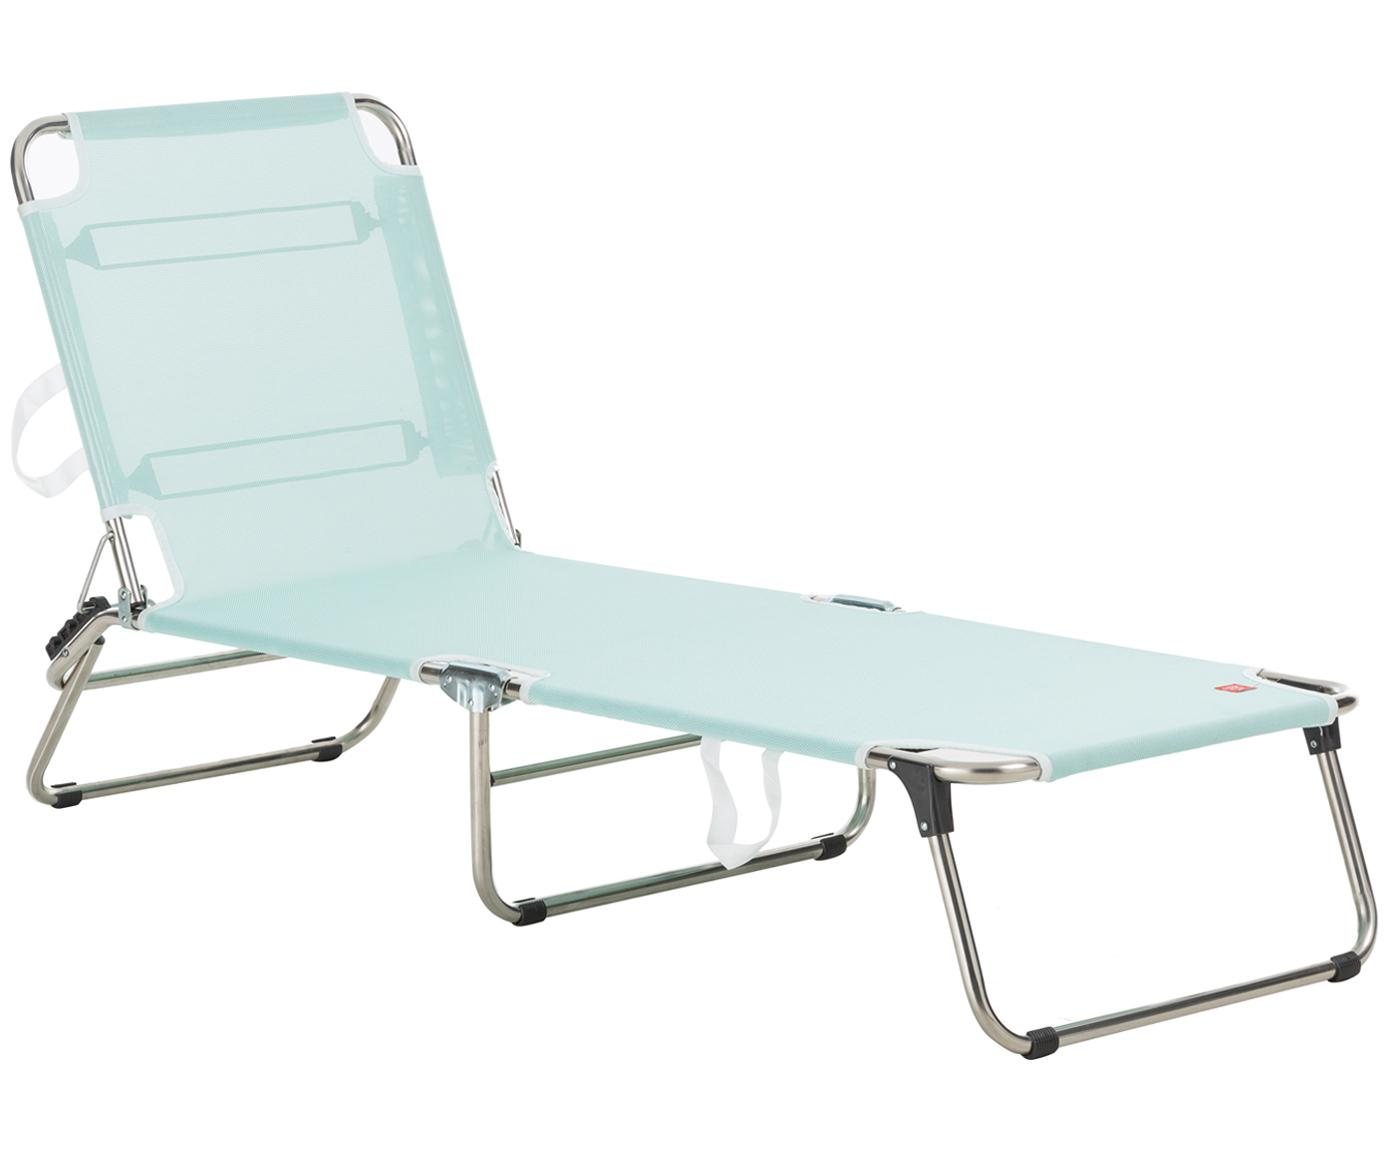 Ligstoel Fiam Amigo, Frame: aluminium, Bekleding: polyester, Frame: aluminium. Bekleding: aquablauw, B 190  x D 58 cm